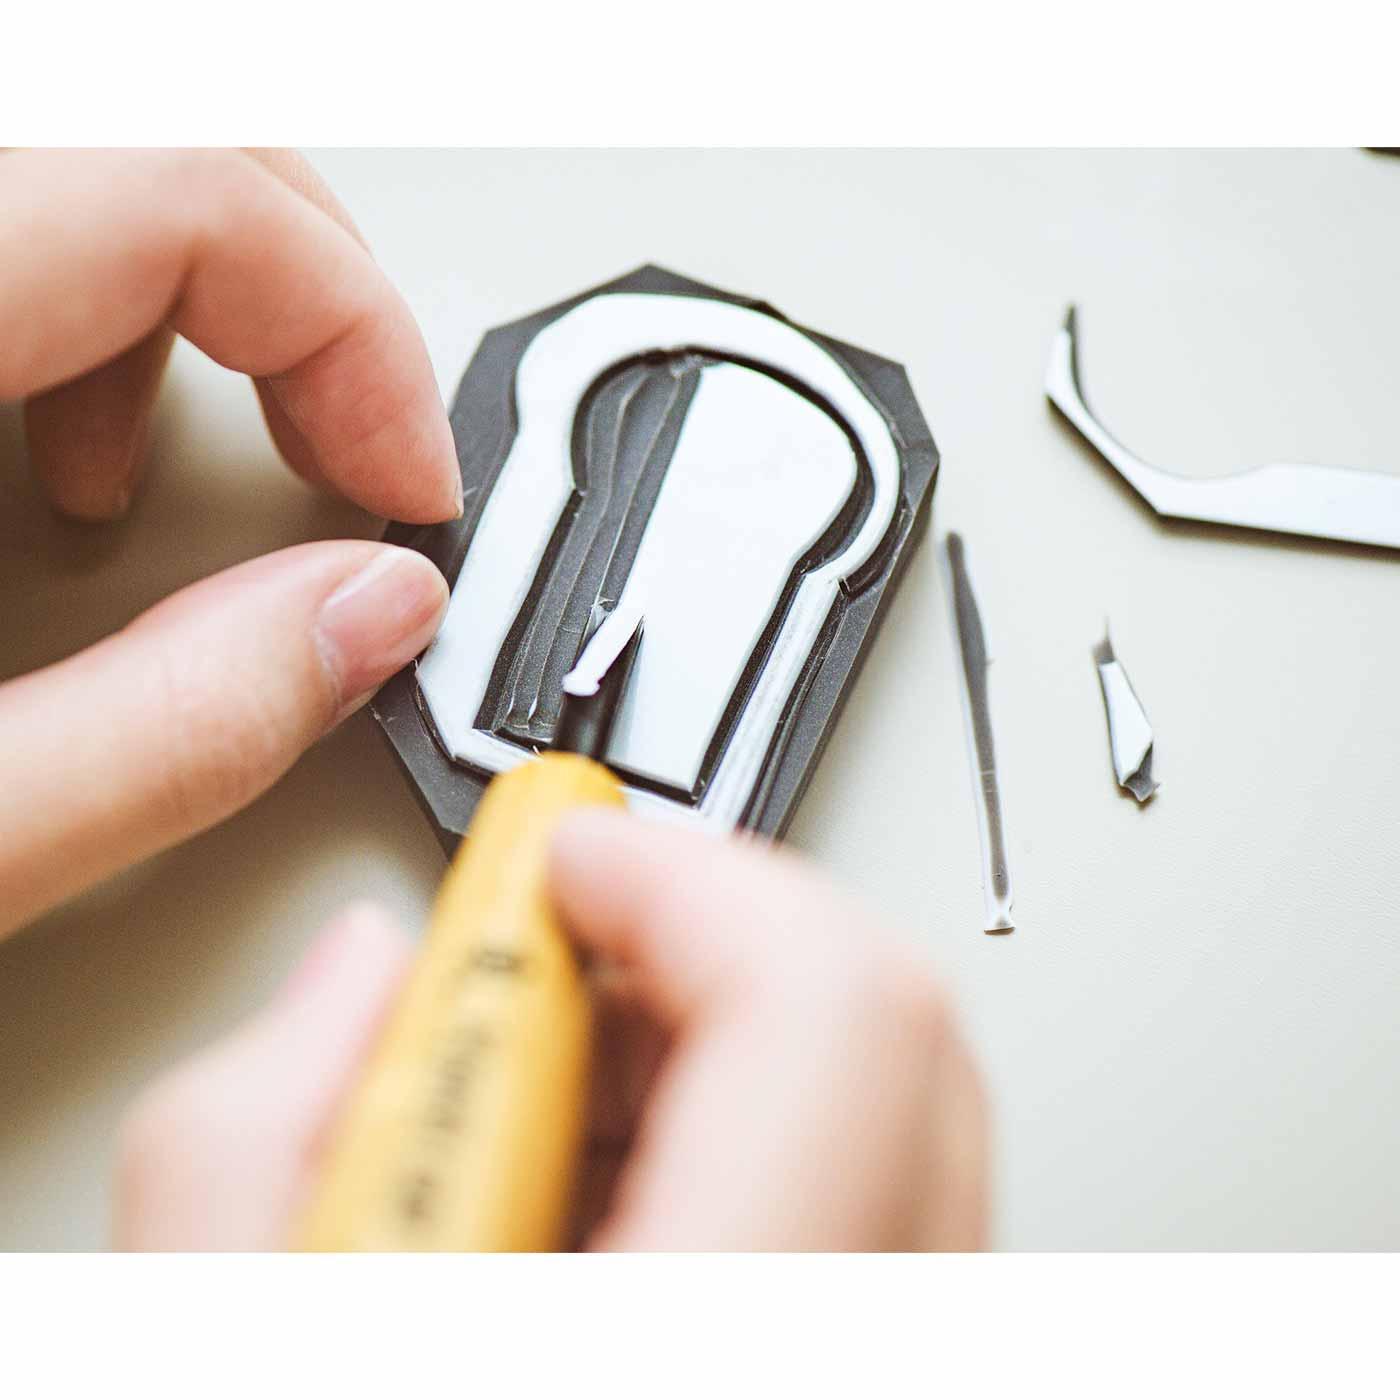 SeeMONO[シーモノ]|消しゴムはんこ作家さんに教わる 彫って押して楽しい 消しゴムはんこレッスンの会|彫刻刀を使って内側を彫っていきます。